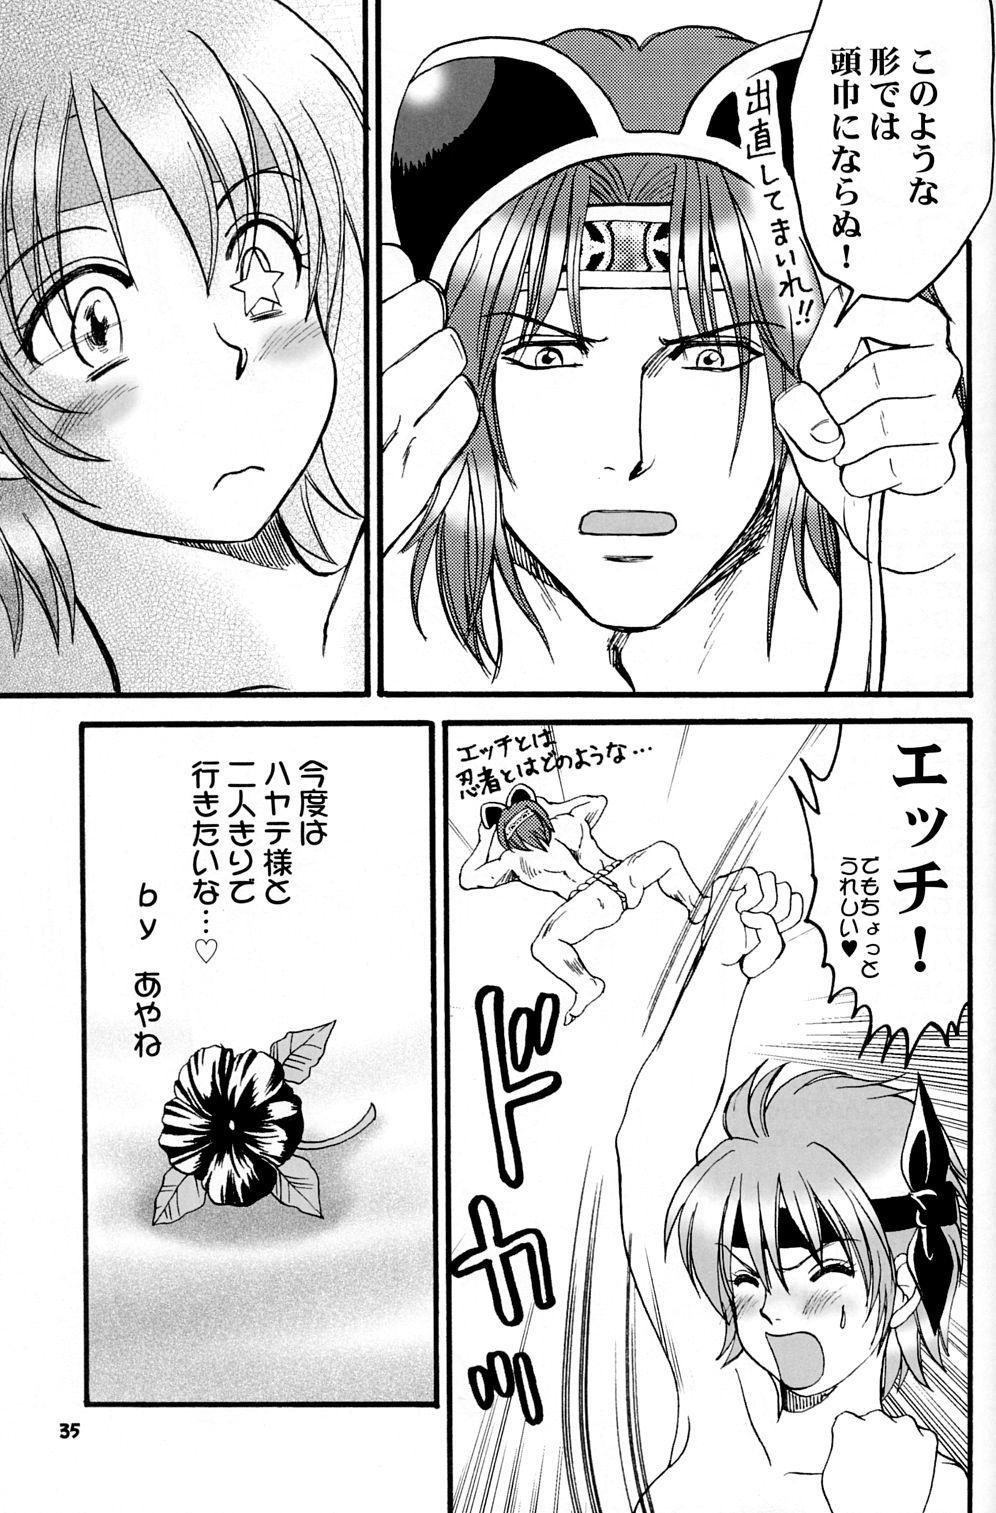 Gokujou desu yo! - It's XTREME! 33